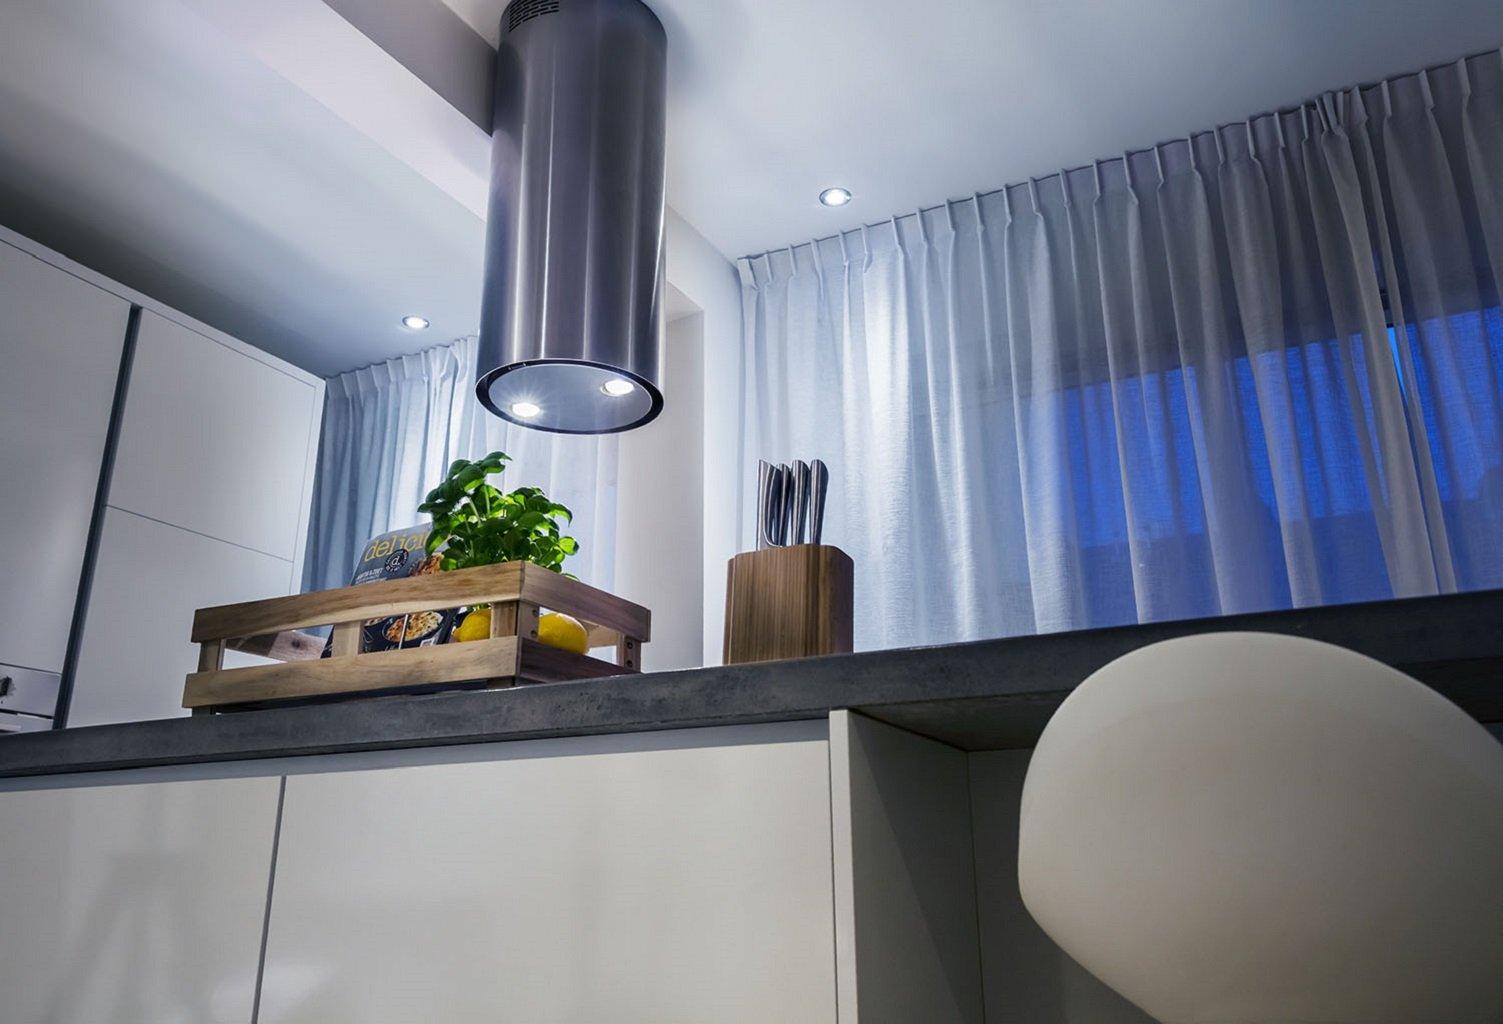 Trust Smart Home ZLED-TUNE9 - Bombilla LED Inteligente Ajustable, luz cálida a fría (controlable vía Smartphone, Philips Hue* Compatible), Color Blanco: Amazon.es: Informática